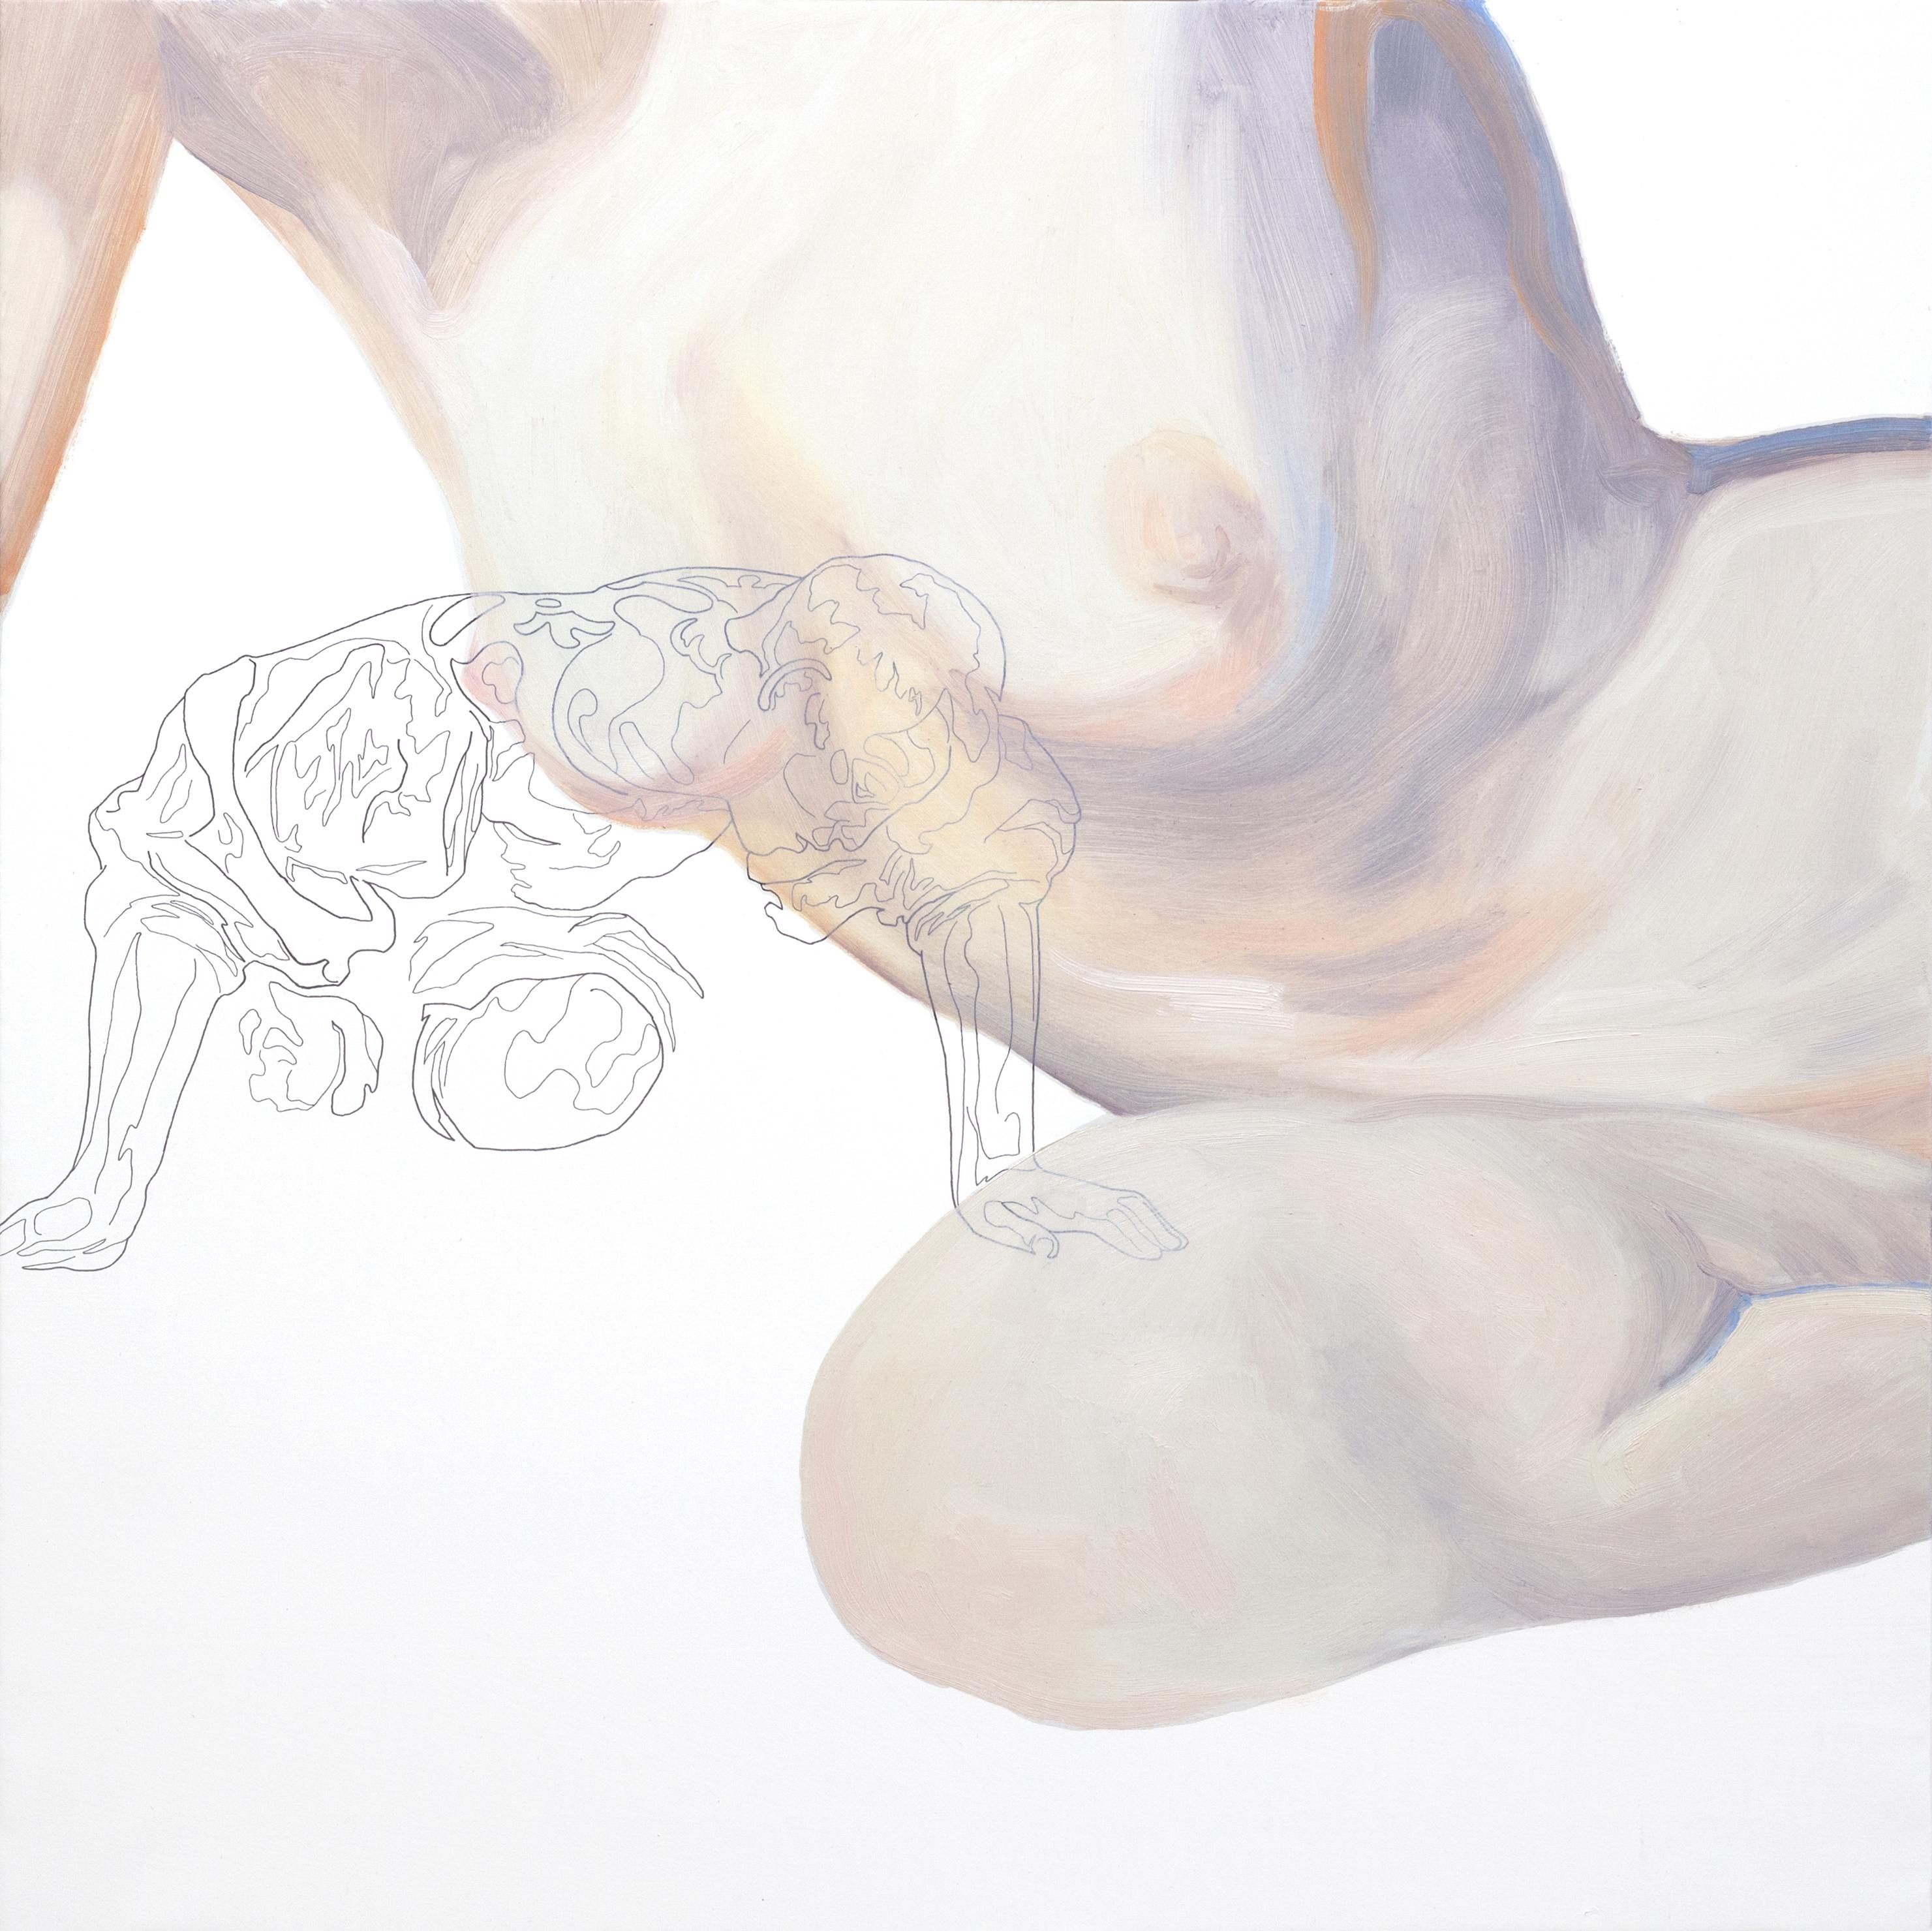 Todo aquello por lo que él mismo es digno de admiración. Tinta china y óleo sobre lienzo. 80 x 80 cm.